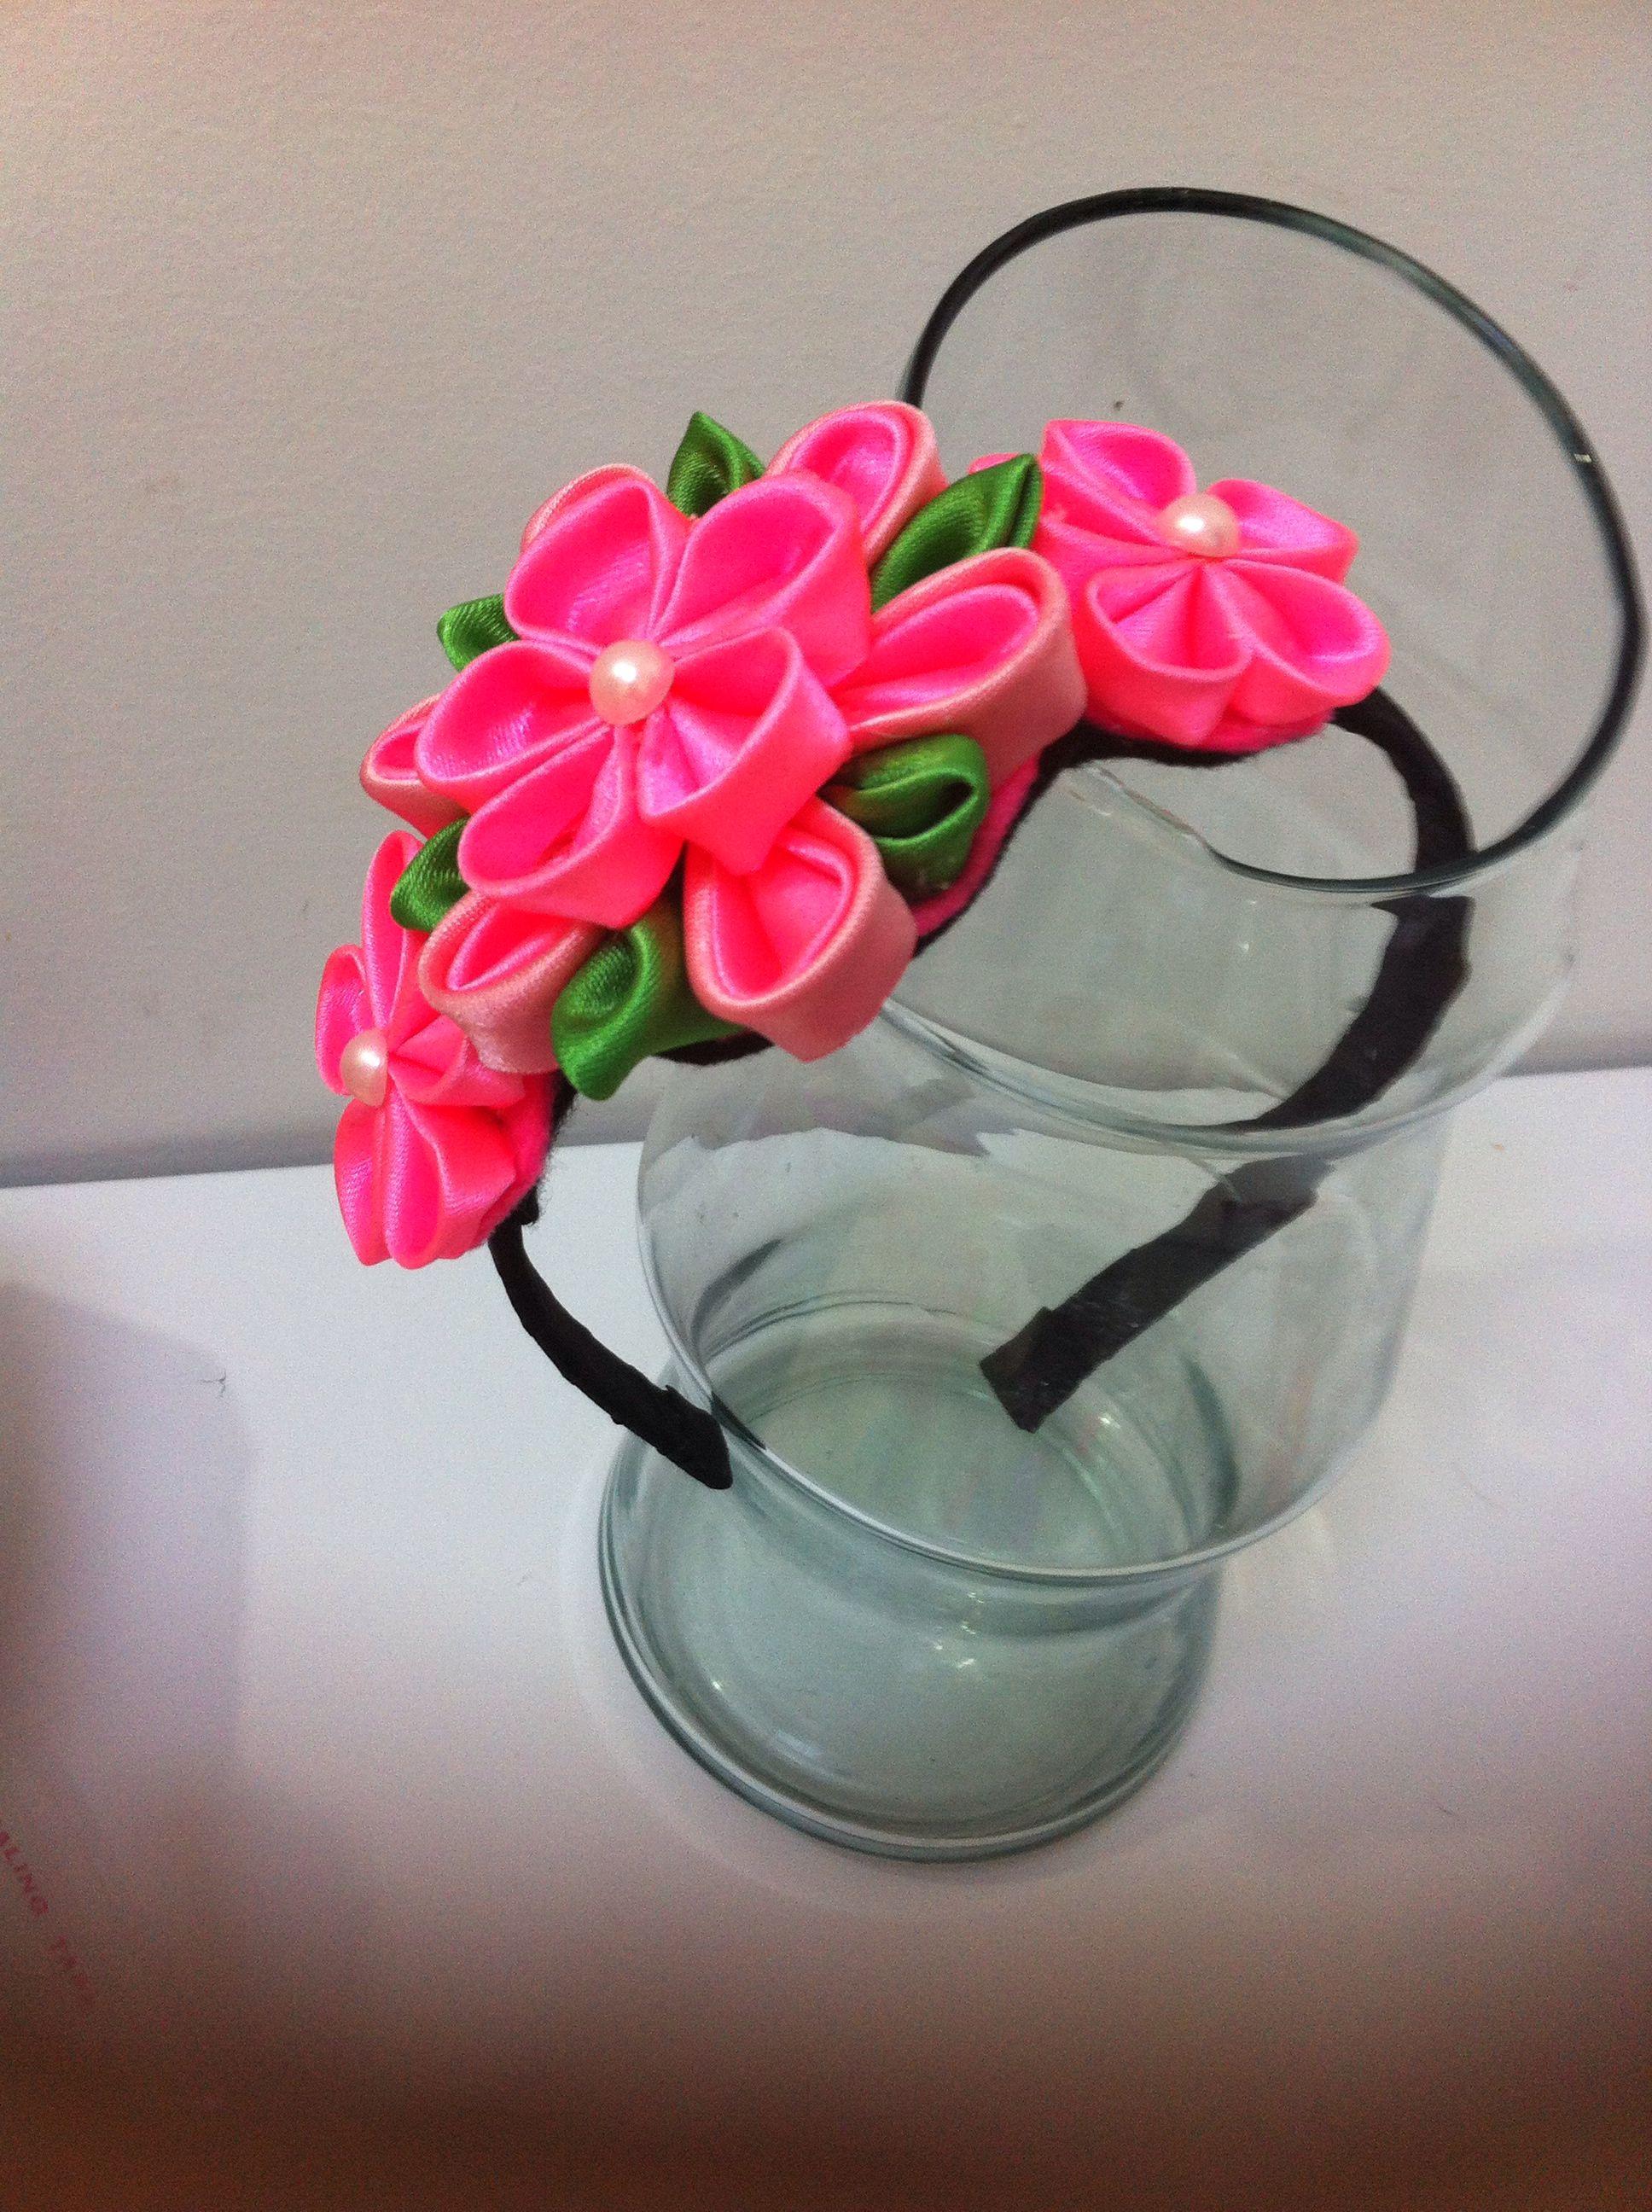 Diadema de flores inf bianca.daza@hotmail.com